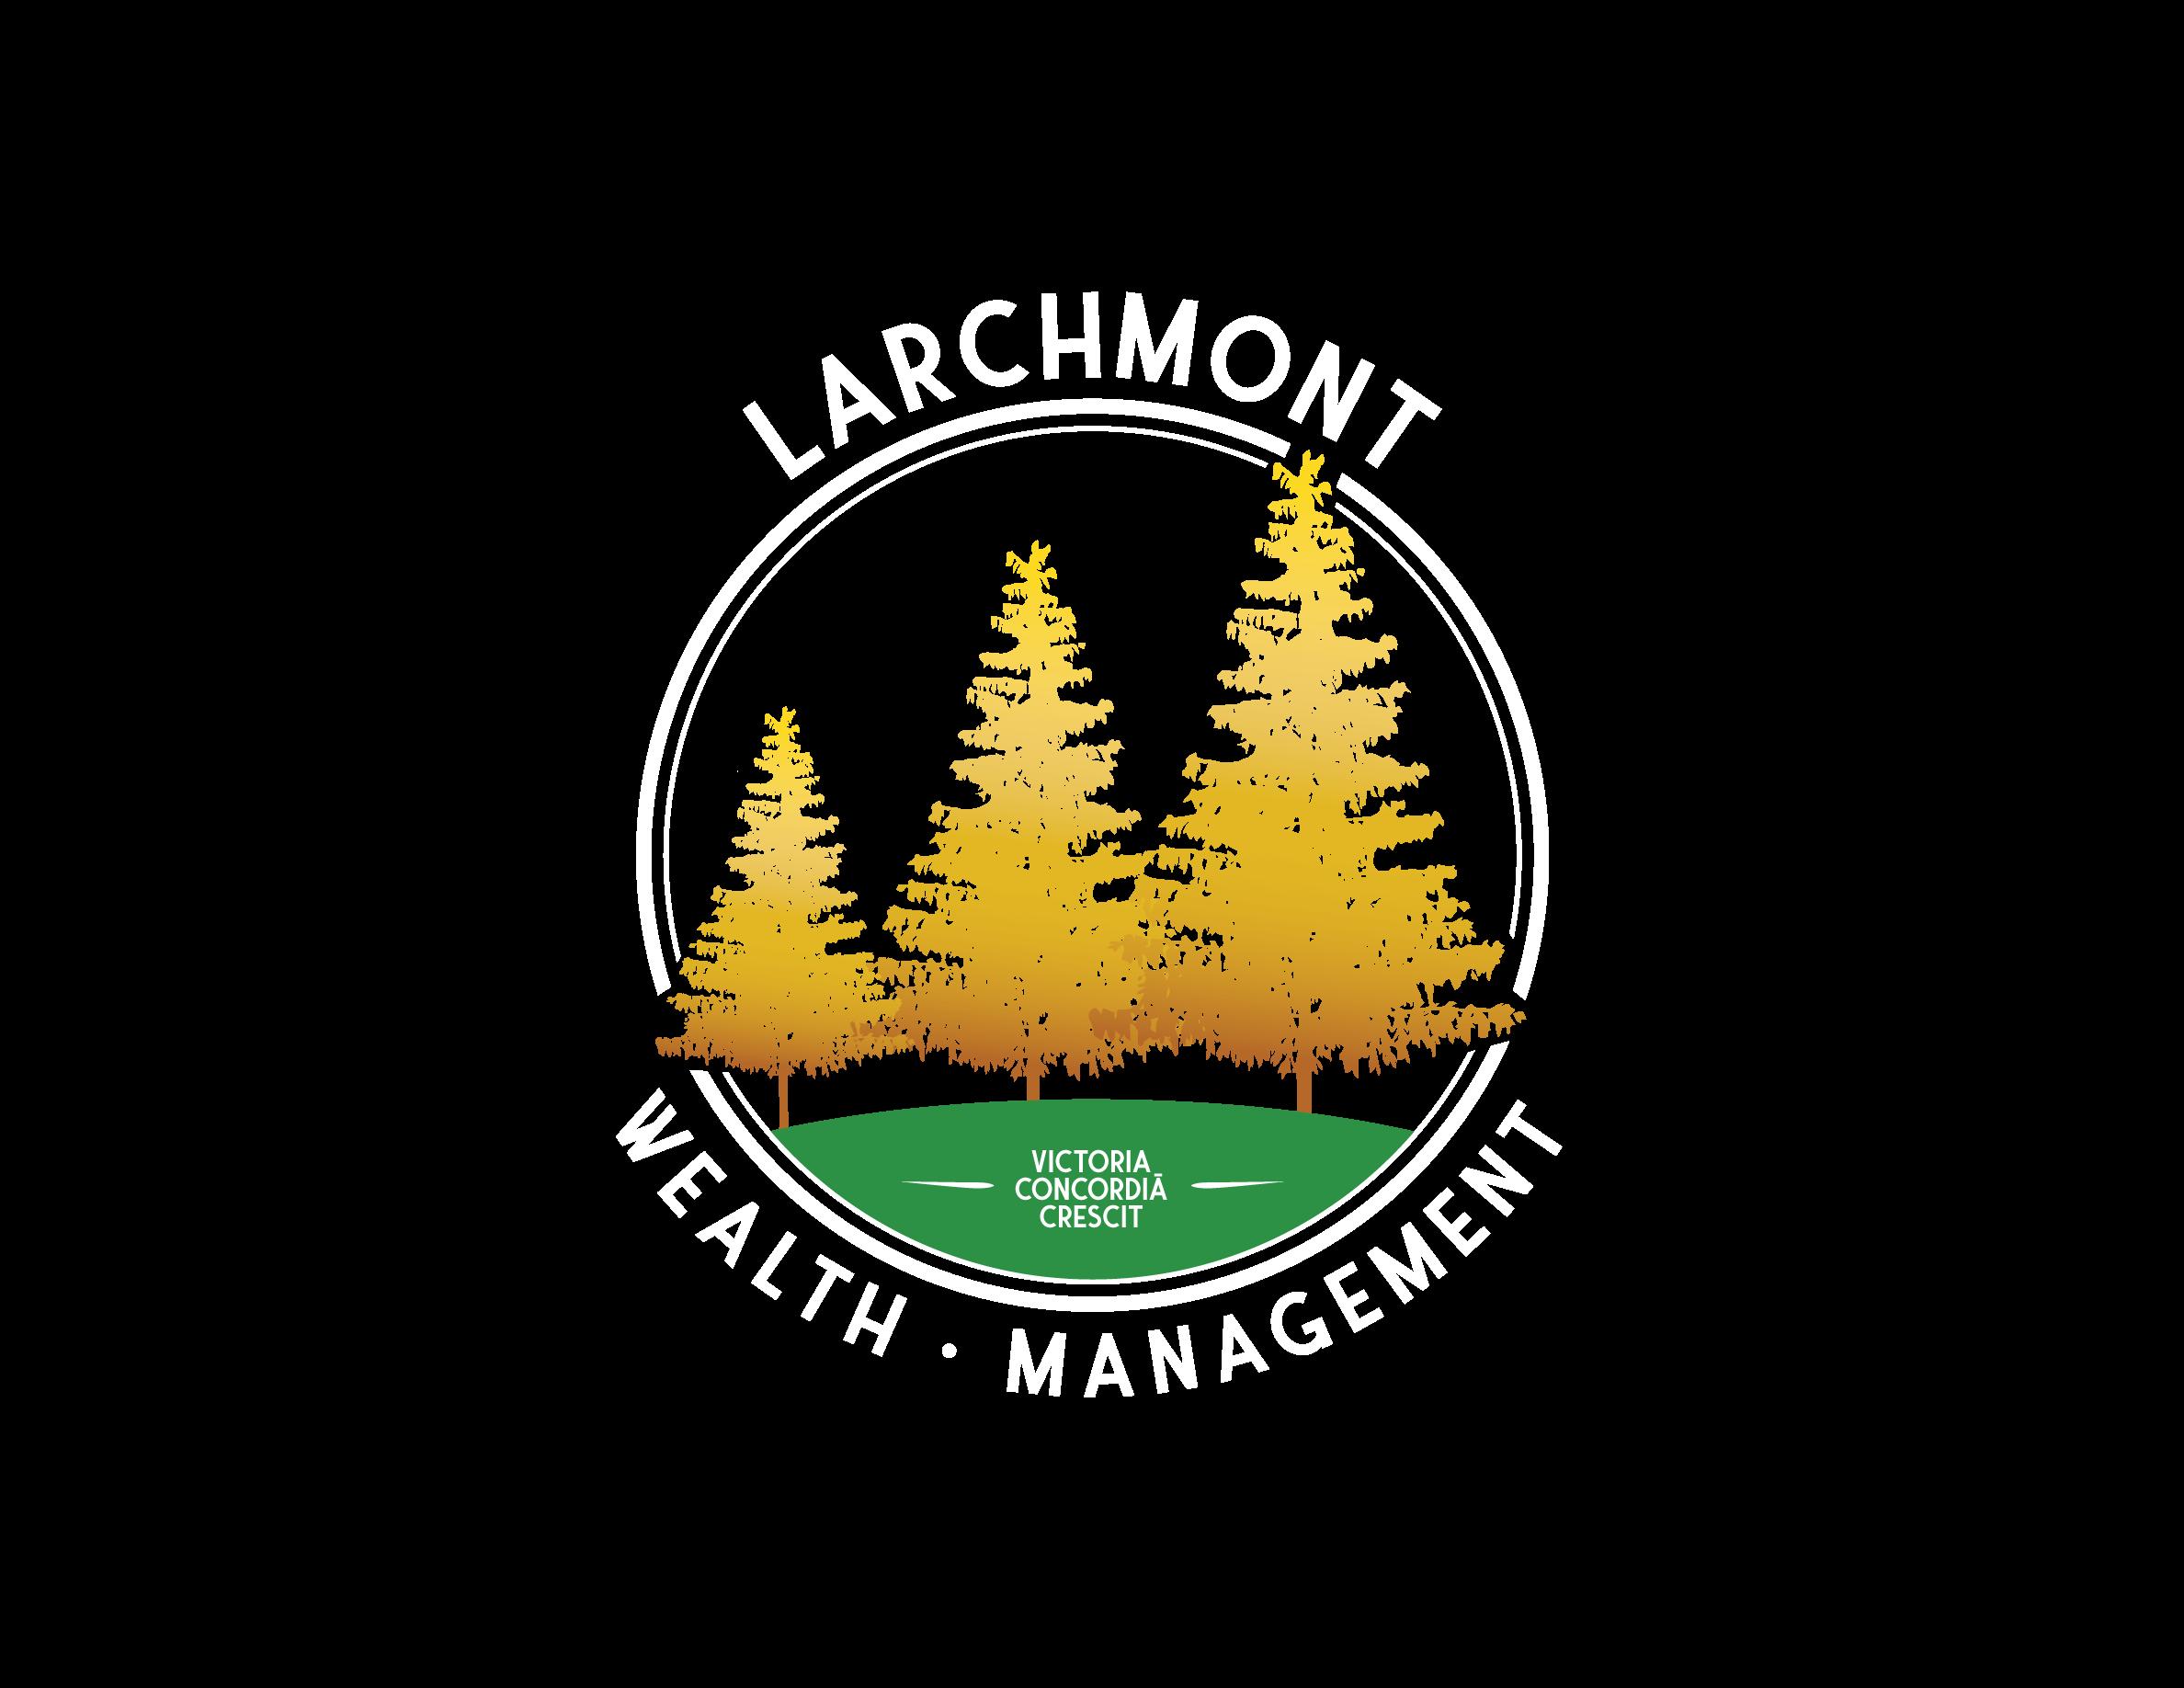 Larchmont Wealth Management White